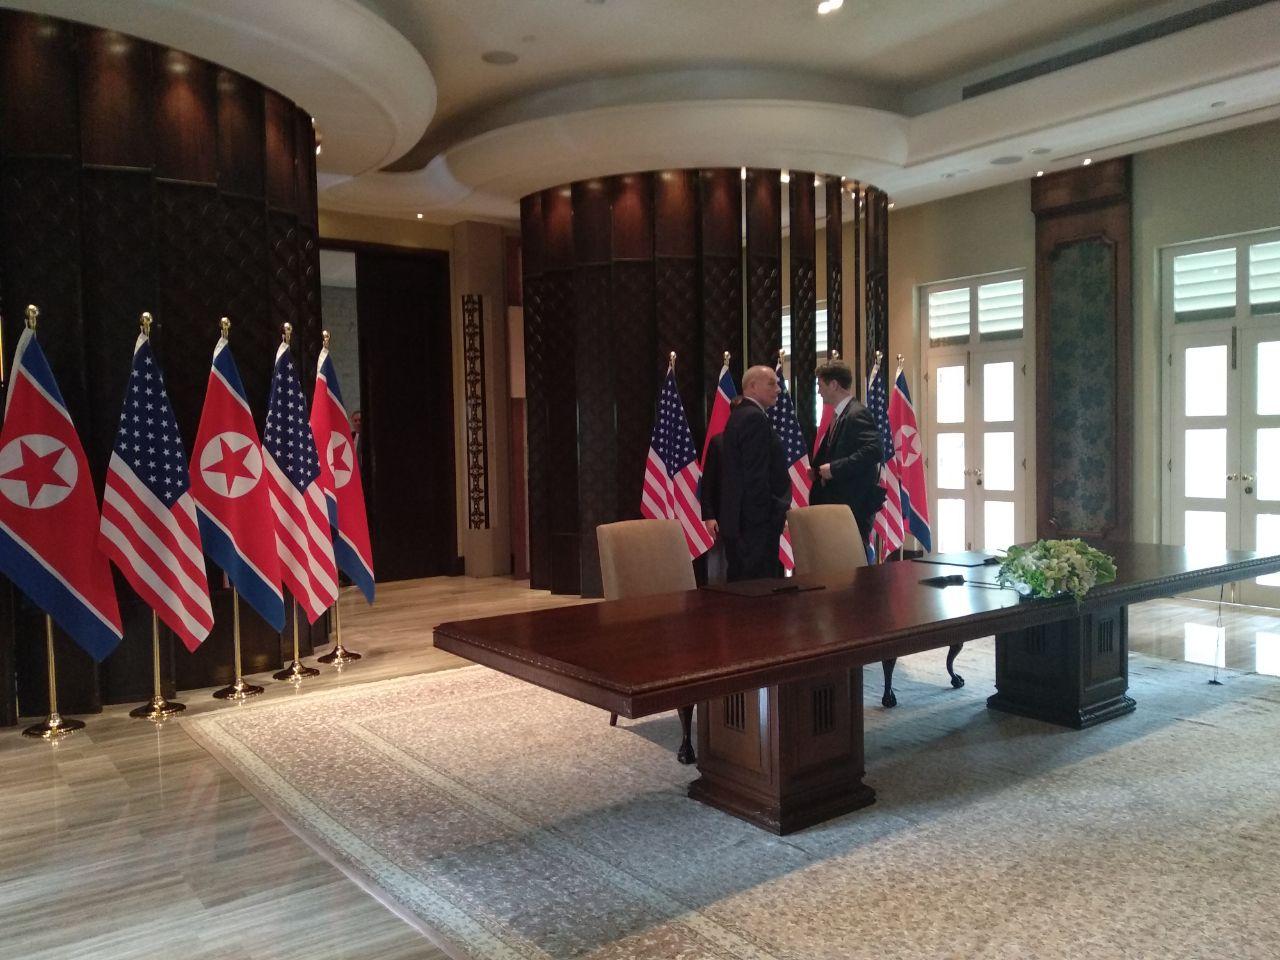 Tổng thống Trump và nhà lãnh đạo Kim Jong-un sẽ ký một văn kiện quan trọng. Theo các quan chức Mỹ, hai bên sẽ ký một bản ghi nhớ để xác nhận những tiến triển đạt được tại Hội nghị Thượng đỉnh ở Sentosa, Singapore, đồng thời cam kết duy trì động lực hiện nay.